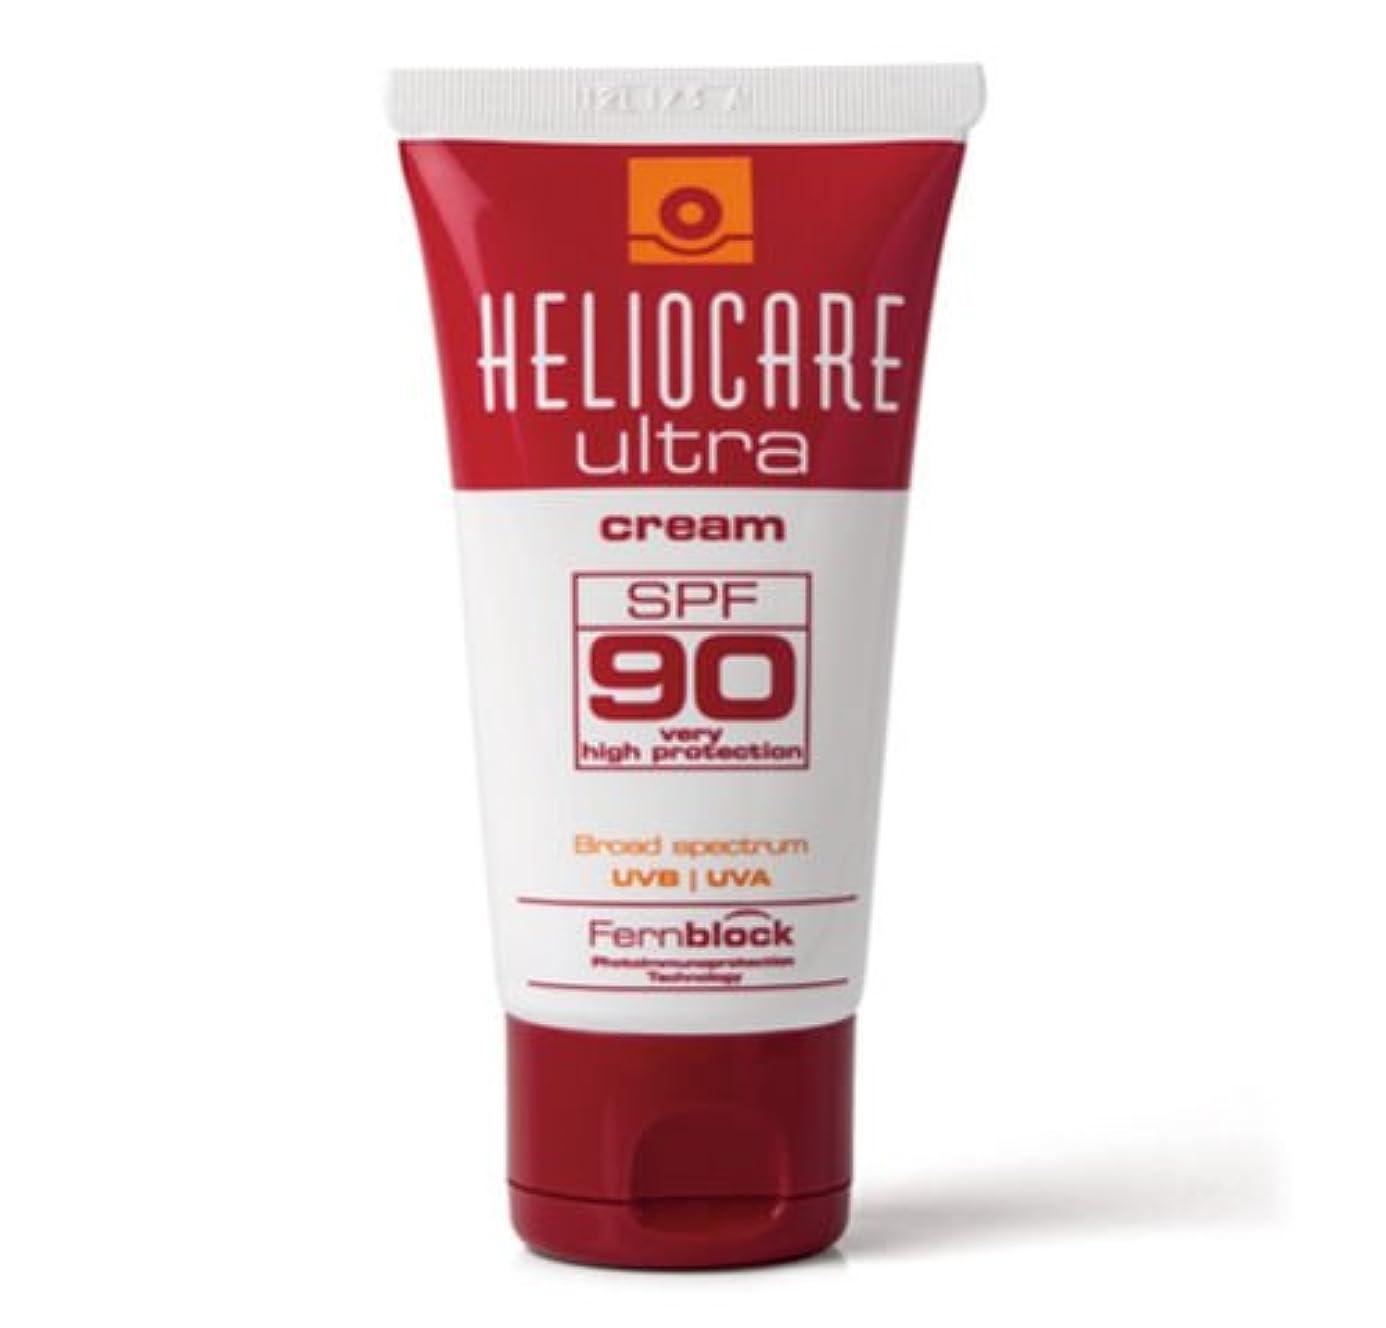 ヘクタールパニック電気のヘリオケア ウルトラ 日焼け止めクリーム SPF 90 Heliocare Ultra 90 Crema [並行輸入品]